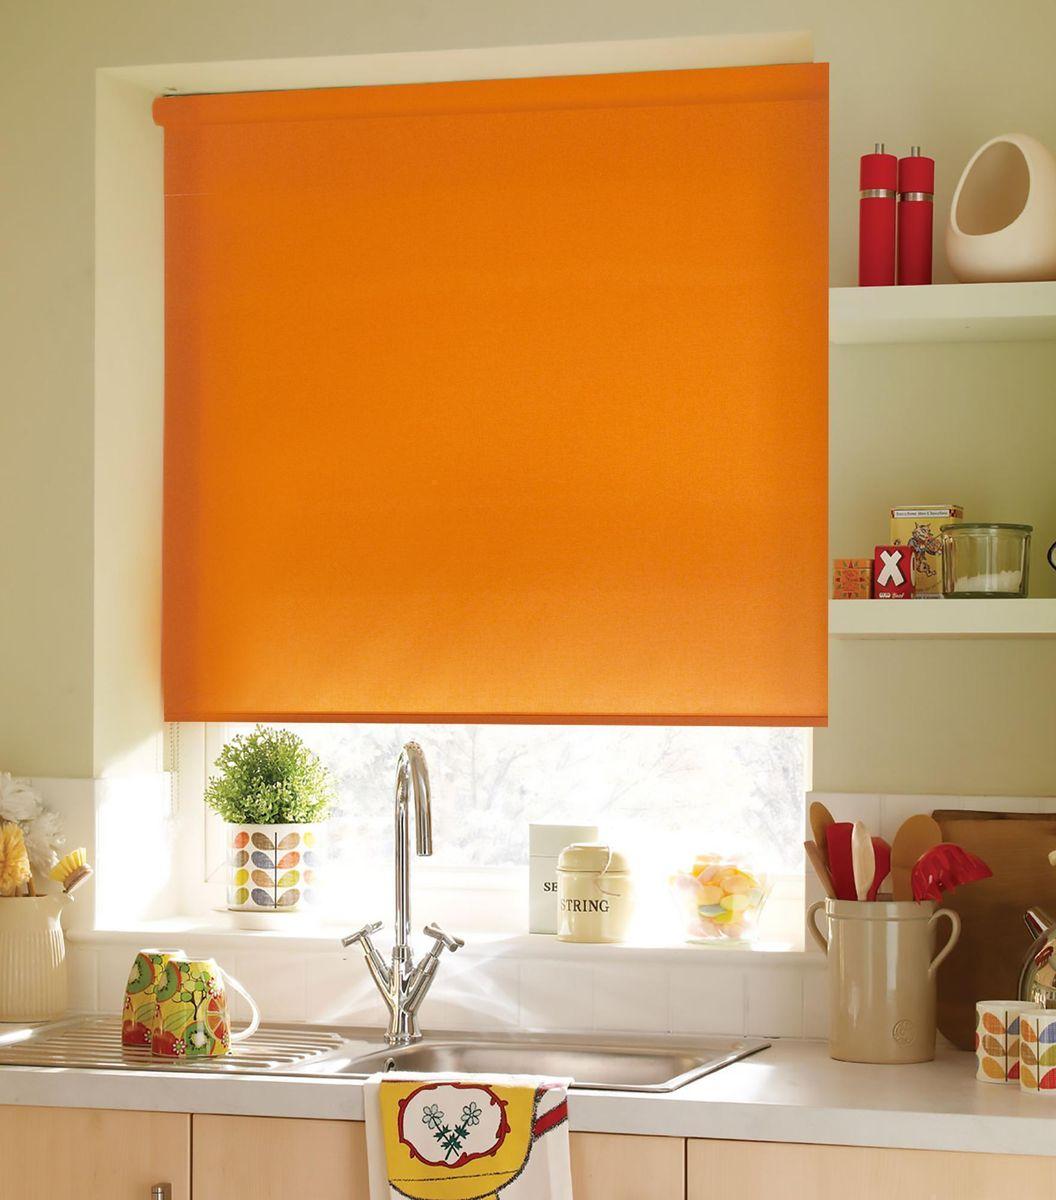 Штора рулонная Эскар, цвет: апельсиновый, ширина 160 см, высота 170 см81203160170Рулонными шторами можно оформлять окна как самостоятельно, так и использовать в комбинации с портьерами. Это поможет предотвратить выгорание дорогой ткани на солнце и соединит функционал рулонных с красотой навесных. Преимущества применения рулонных штор для пластиковых окон: - имеют прекрасный внешний вид: многообразие и фактурность материала изделия отлично смотрятся в любом интерьере; - многофункциональны: есть возможность подобрать шторы способные эффективно защитить комнату от солнца, при этом она не будет слишком темной. - Есть возможность осуществить быстрый монтаж. ВНИМАНИЕ! Размеры ширины изделия указаны по ширине ткани! Во время эксплуатации не рекомендуется полностью разматывать рулон, чтобы не оторвать ткань от намоточного вала. В случае загрязнения поверхности ткани, чистку шторы проводят одним из способов, в зависимости от типа загрязнения: легкое поверхностное загрязнение можно удалить при помощи канцелярского ластика; чистка от пыли производится сухим методом при...